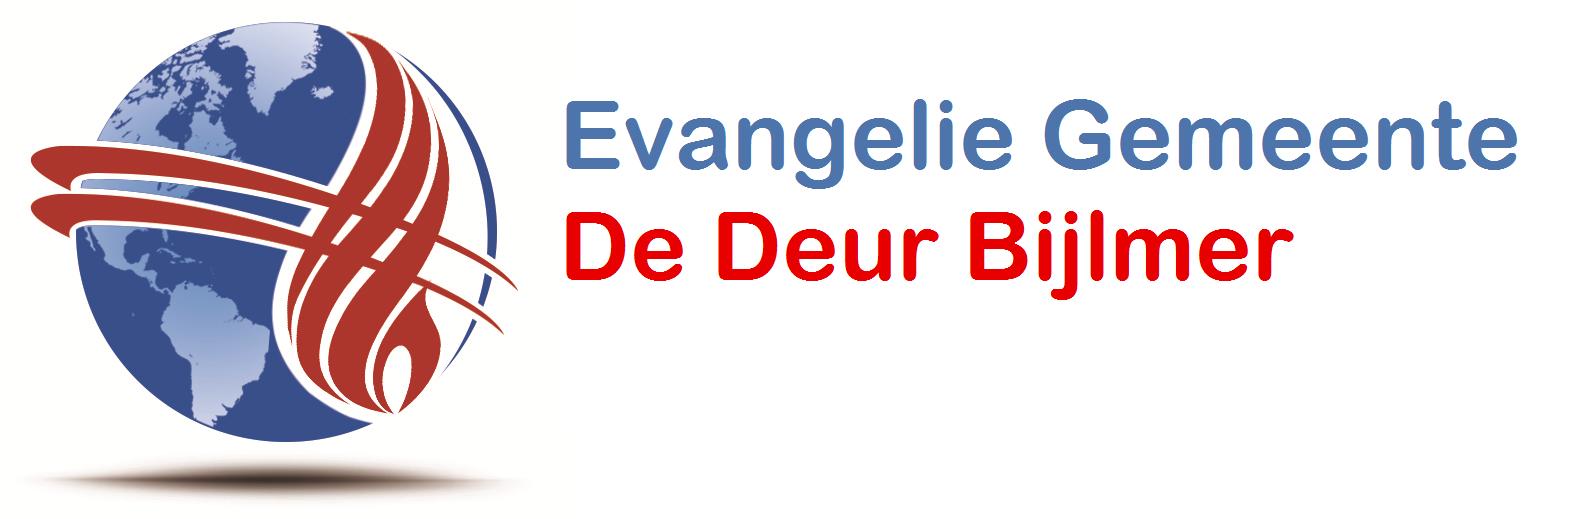 Evangelie Gemeente Amsterdam